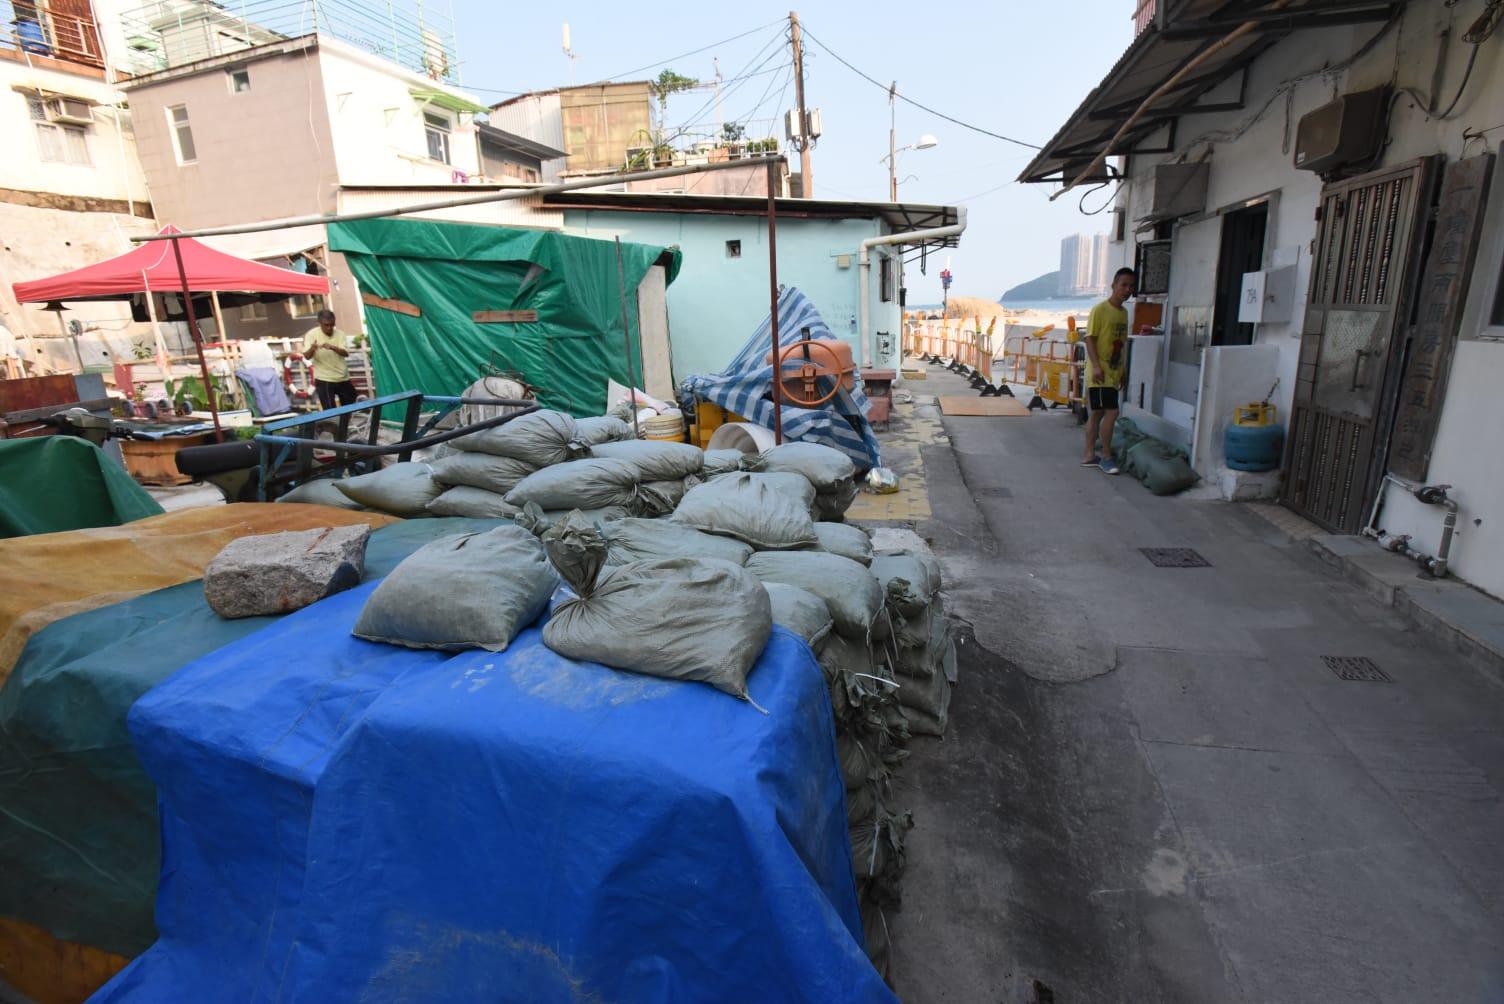 民政署放置沙包供村民應用。徐裕民攝